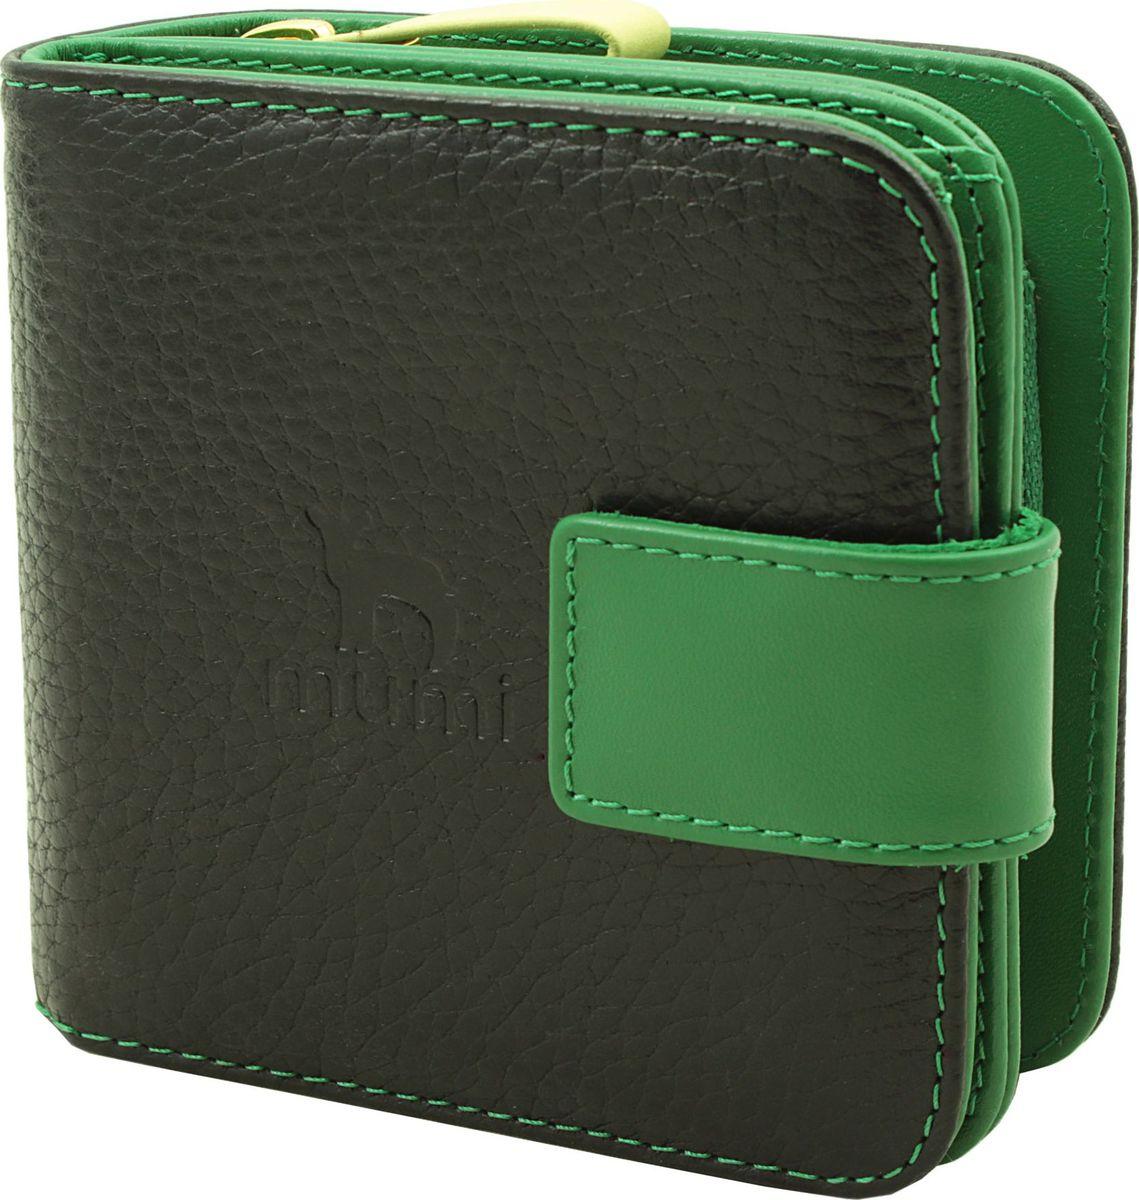 Кошелек Dimanche Mumi, цвет: черный, зеленый. 082381270Кошелек Dimanche выполнен из натуральной кожи зернистой текстуры и оформлен фирменным тиснением. Изделие состоит из двух отделений, одно из которых содержит карман для мелочи и закрывается на молнию. Второе отделение содержит два кармана для купюр, восемь карманов для банковских и дисконтных карт и закрывается хлястиком на кнопку.